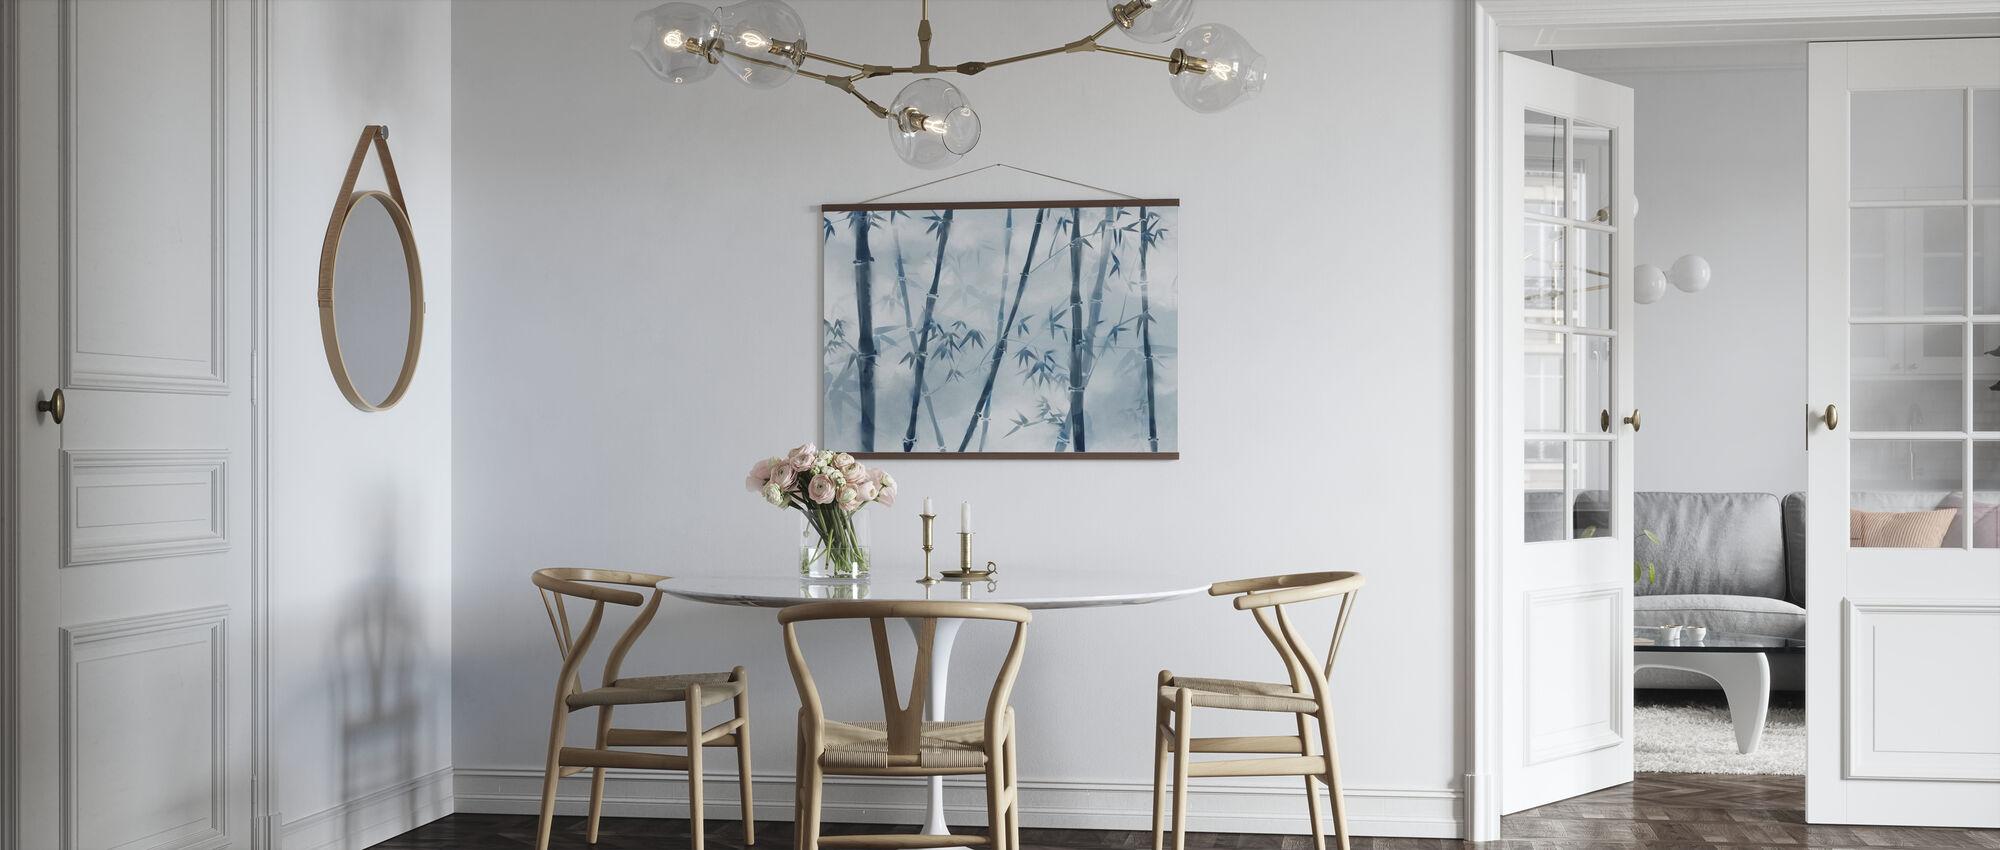 Bambus Belysning - Plakat - Kjøkken